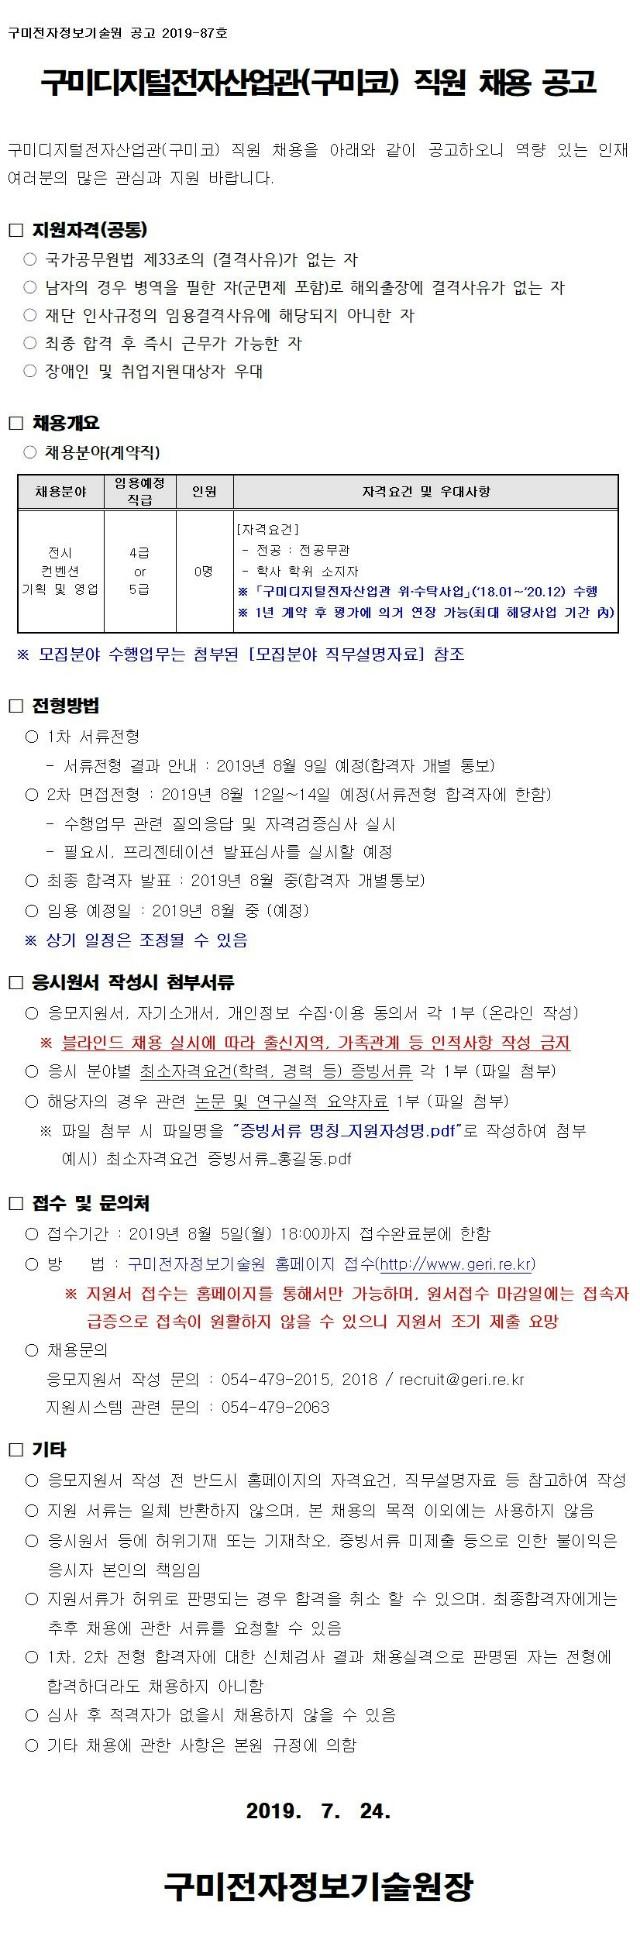 2019-87호 구미전자정보기술원 직원채용 공고(구미코).jpg